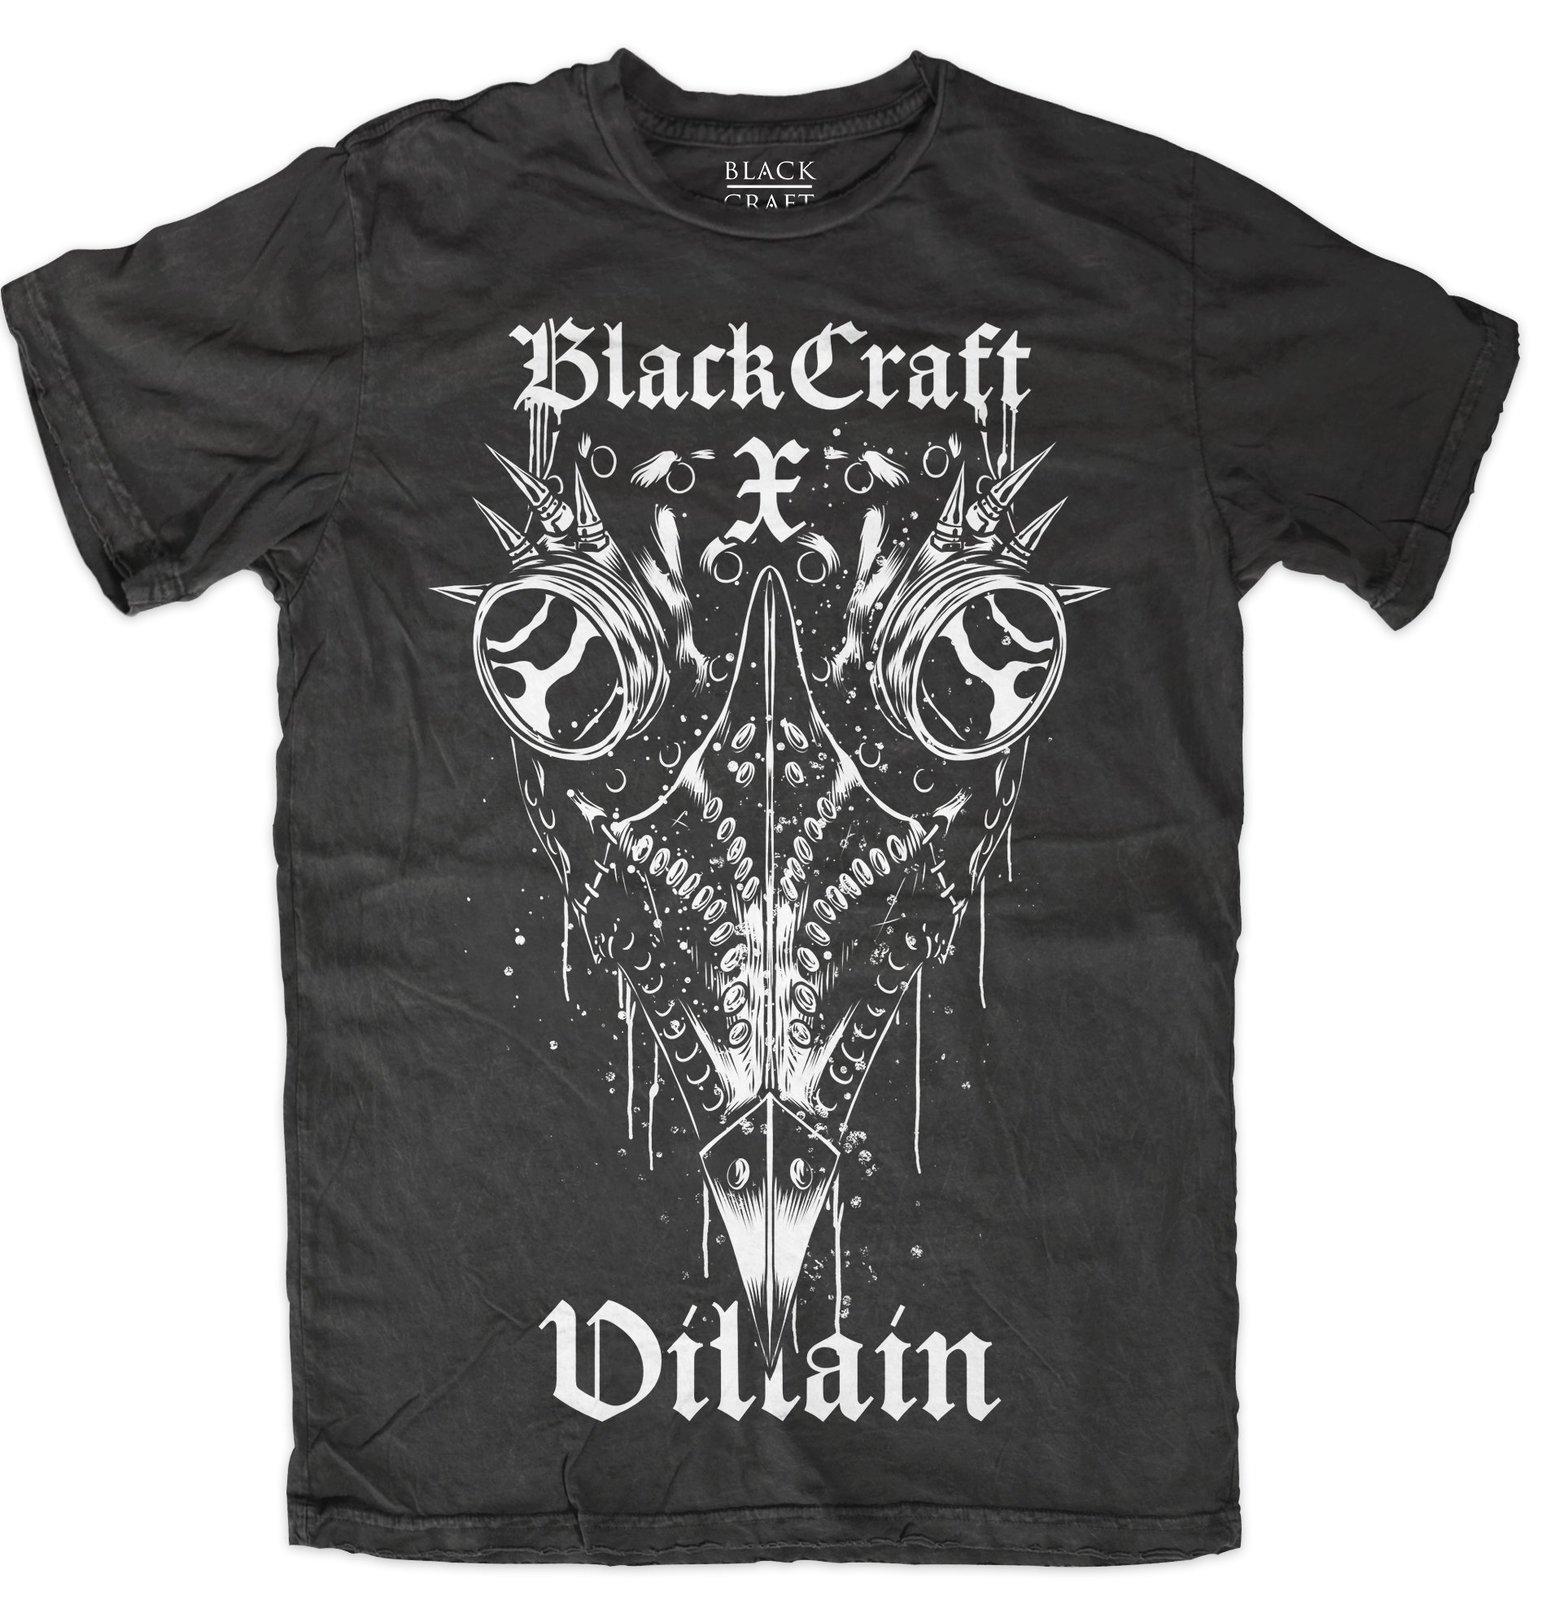 villaincollab_2_shirt1.jpg